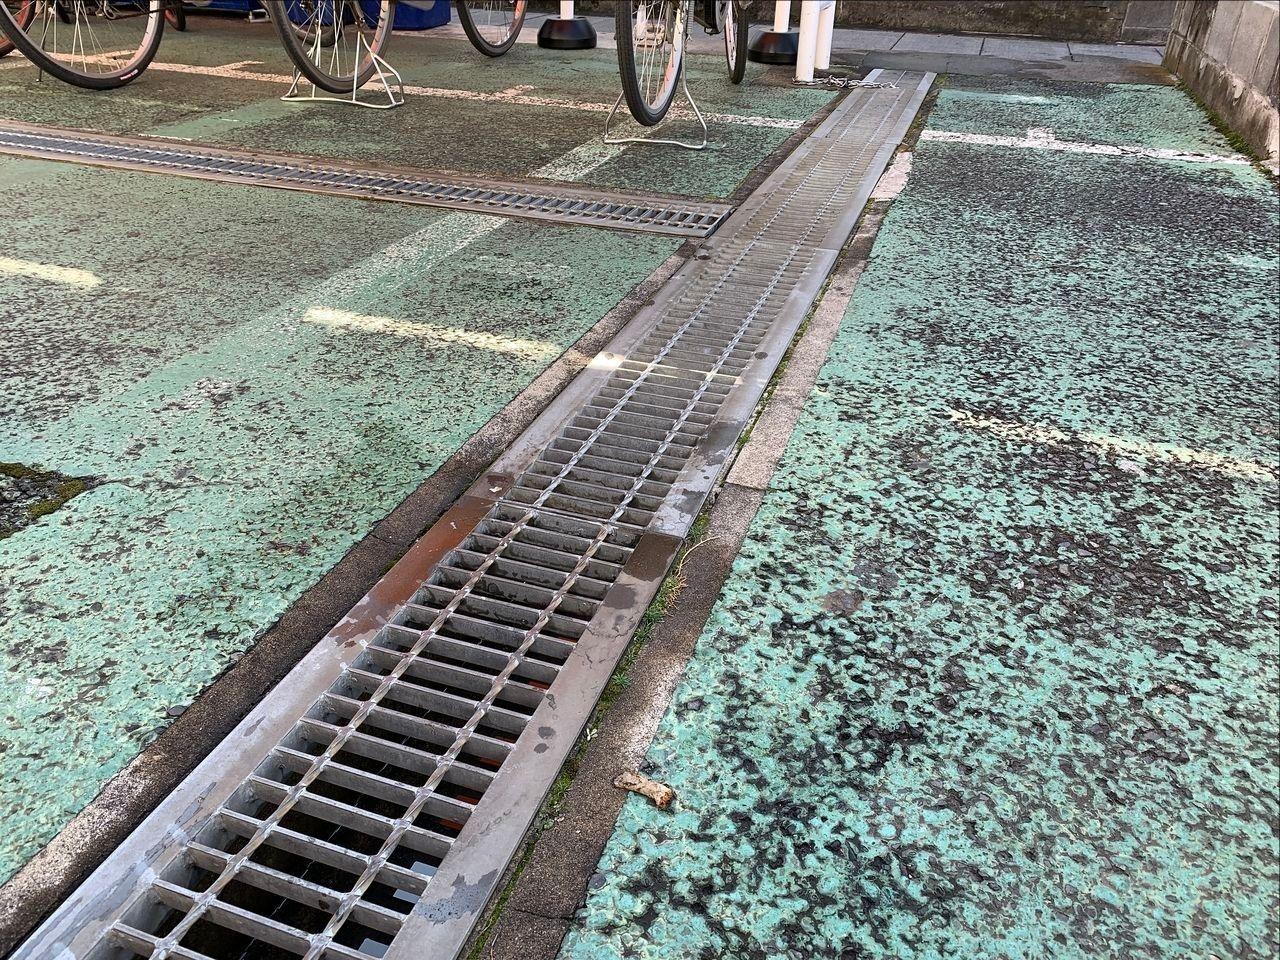 ア・ス・ヴェルデⅡの排水溝掃除です!